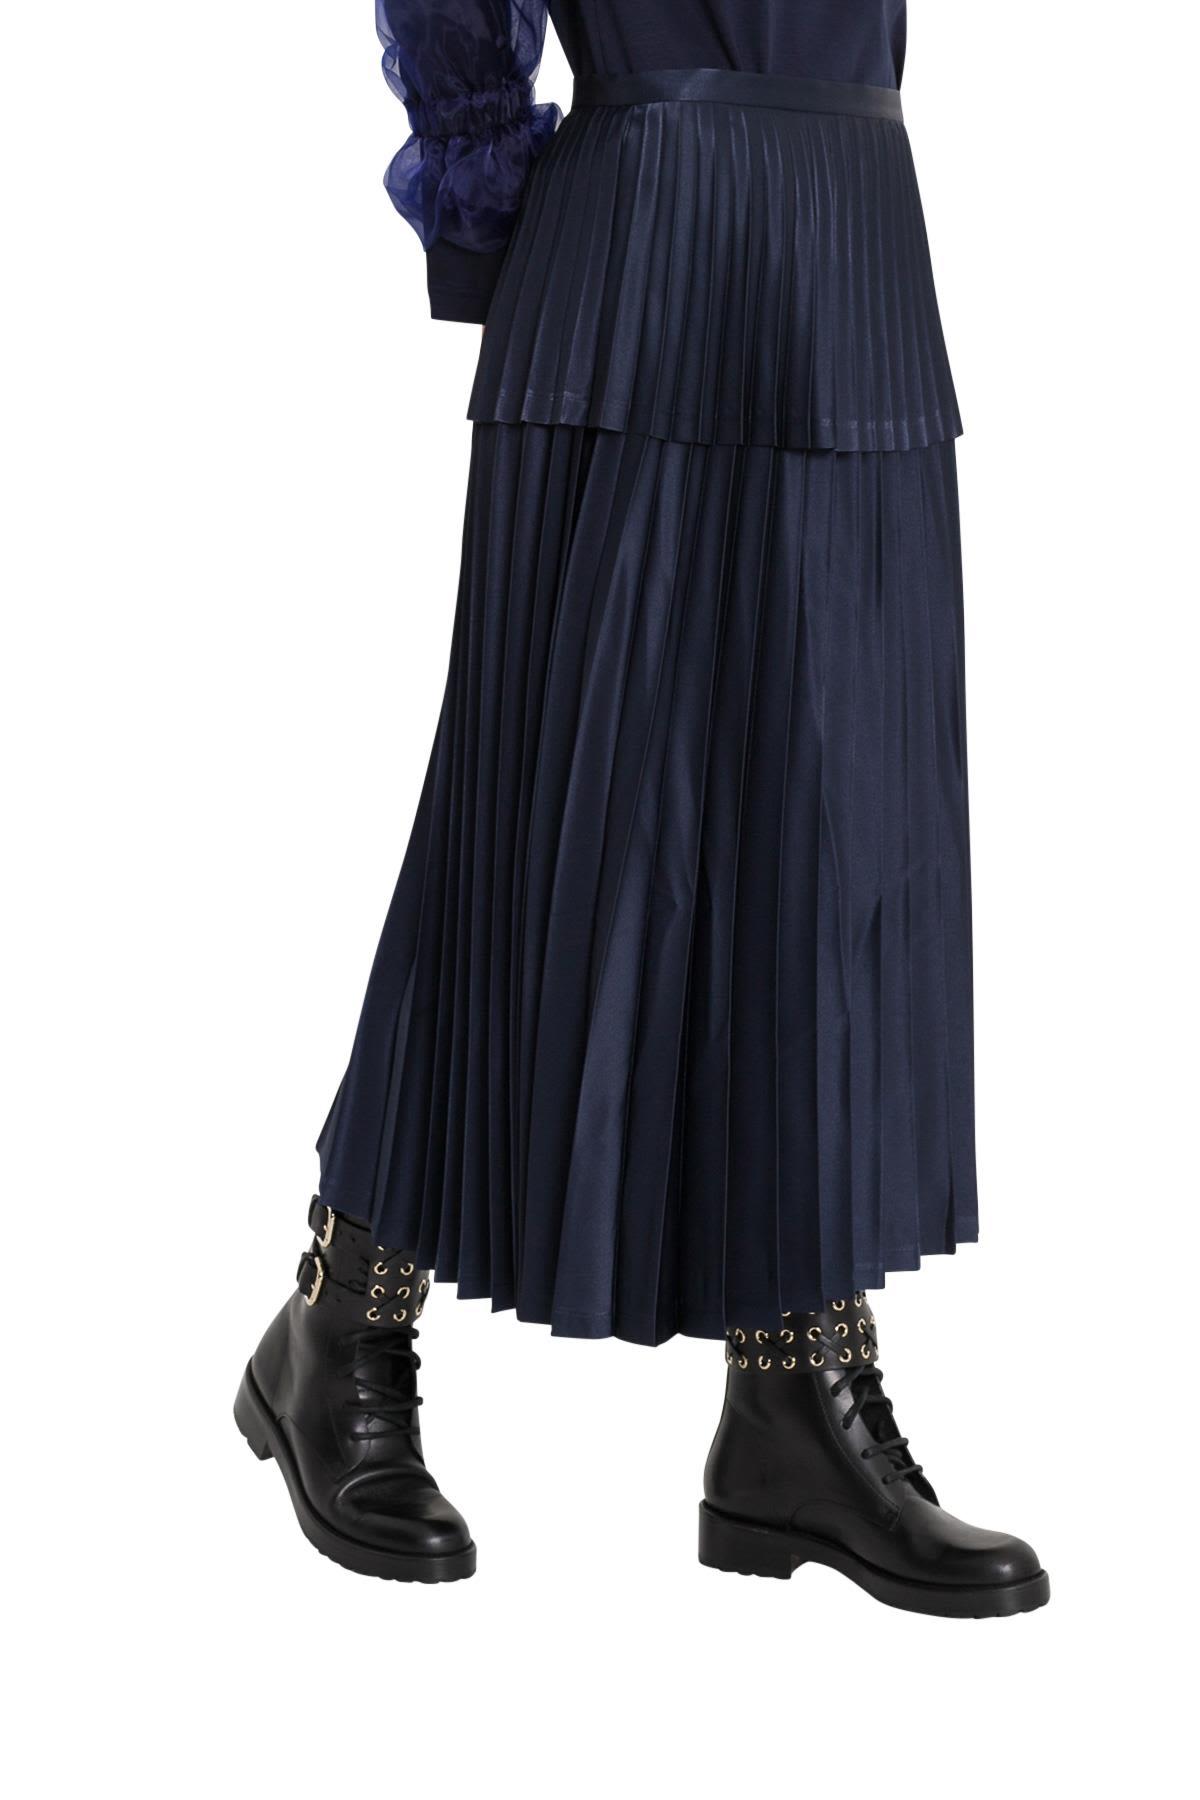 NOIR KEI NINOMIYA Pleated Satin Midi Skirt in Navy